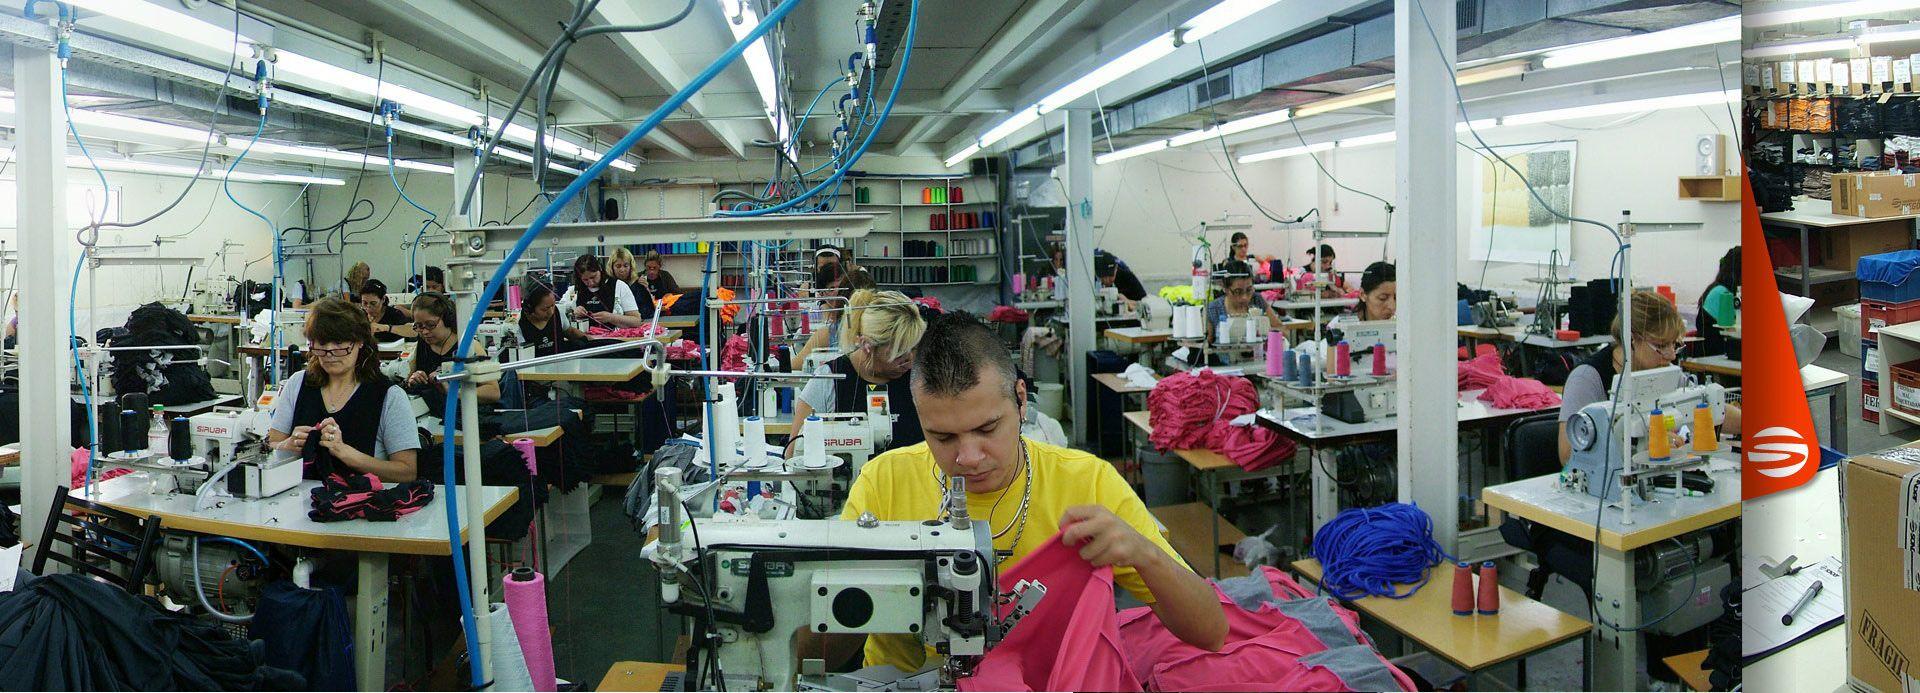 trabajo decente. La fabricación de indumentaria